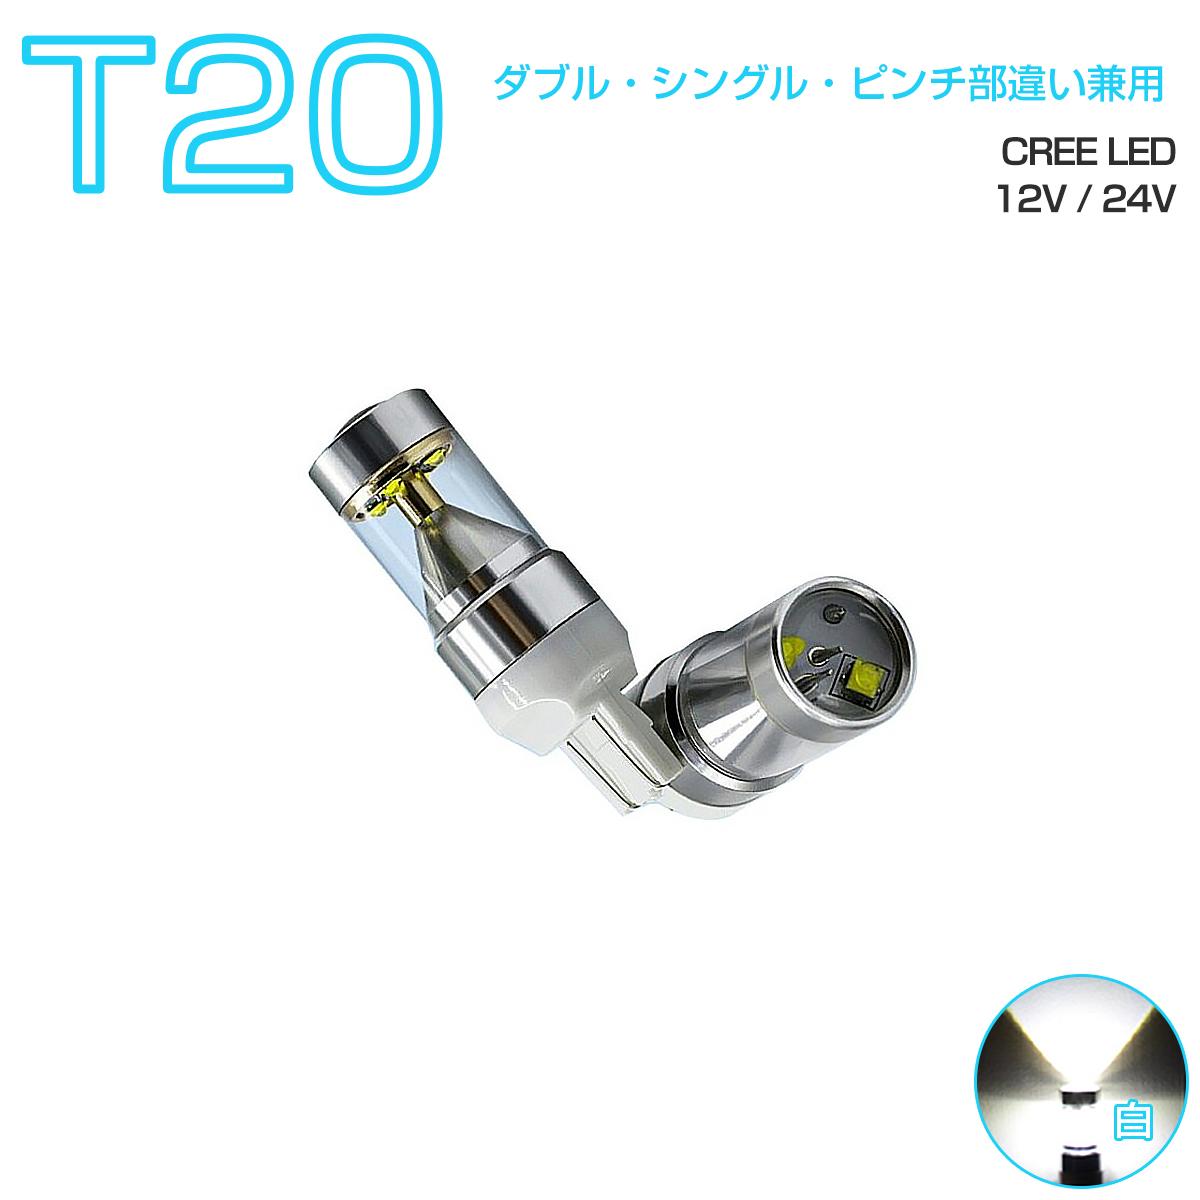 LED T20 ホワイト白発光 30W CREEチップ シングル・ダブル・ピンチ部違い兼用 フォグランプ ブレーキ ウインカー バックランプ 2個入り 12V 24V SDM便送料無料 1年保証